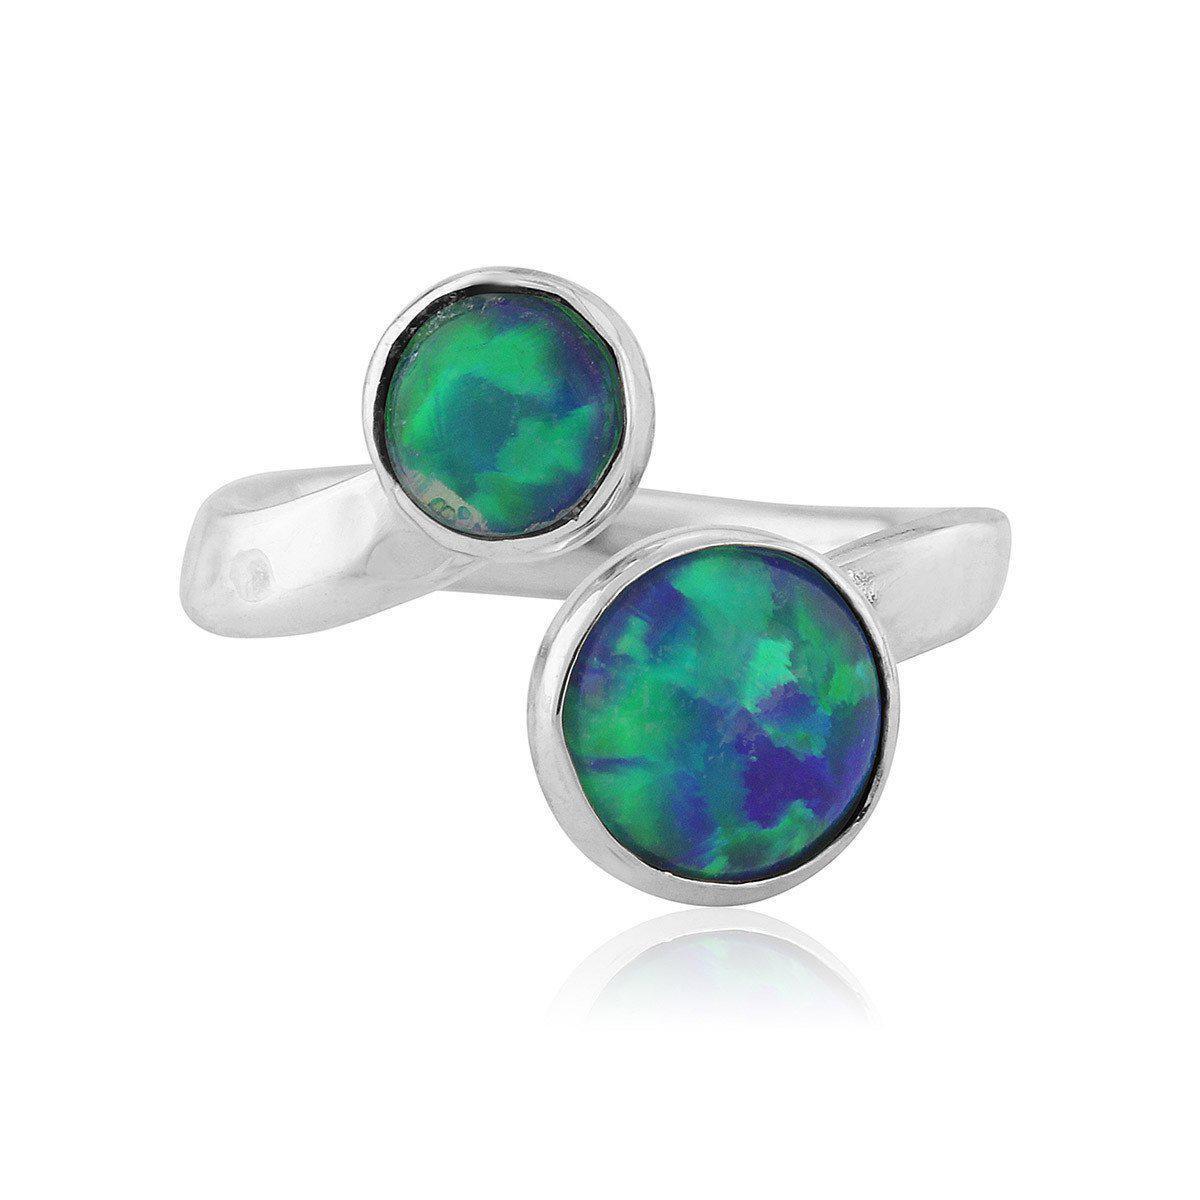 Lavan Hammered Sterling Silver & White Opal Ring - UK U 1/2 - US 10 1/2 - EU 63 1/2 n8lhuG2Uw